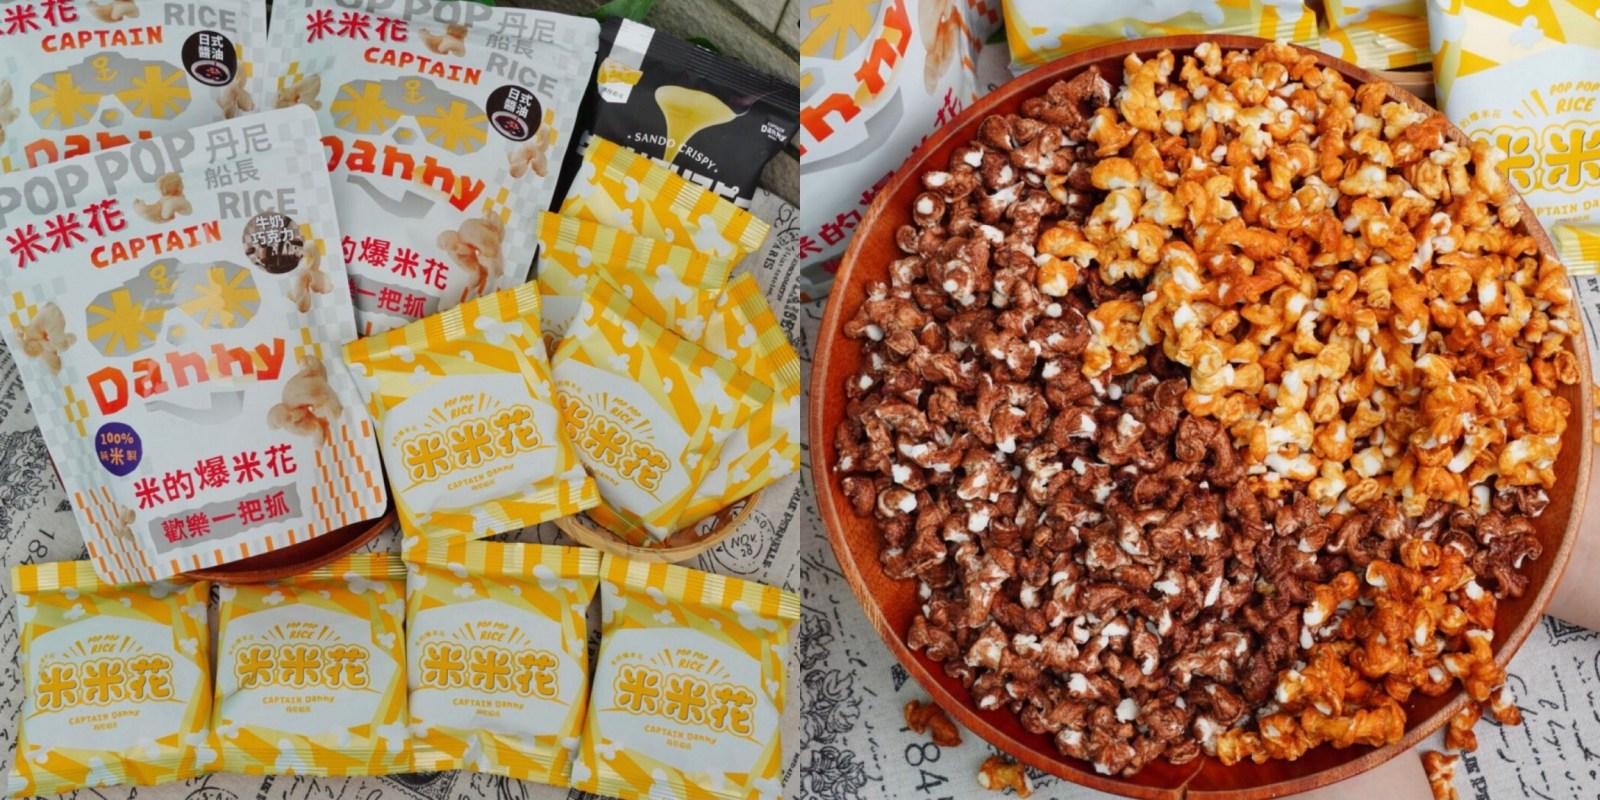 超人氣網購TOP1零食【丹尼船長米米花】全台首創用米做的爆米花!? 100%非油炸 爆炸好吃又健康